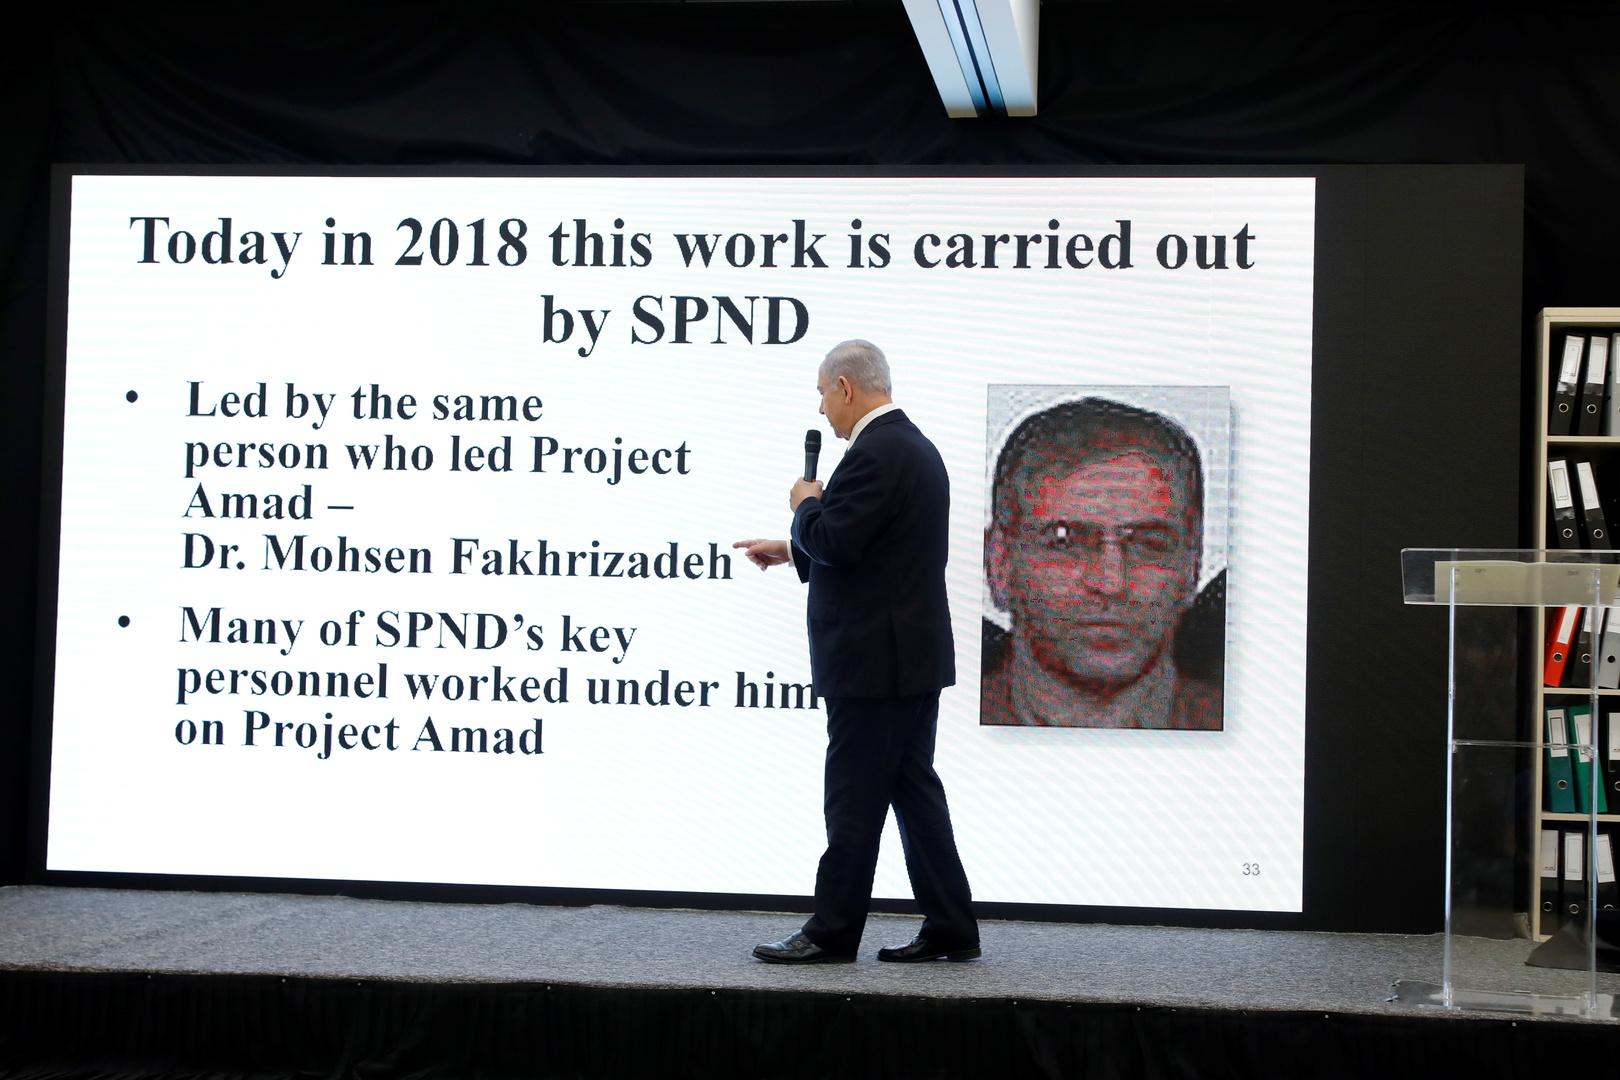 مسؤول في الاستخبارات الإسرائيلية حول اغتيال فخري زاده: